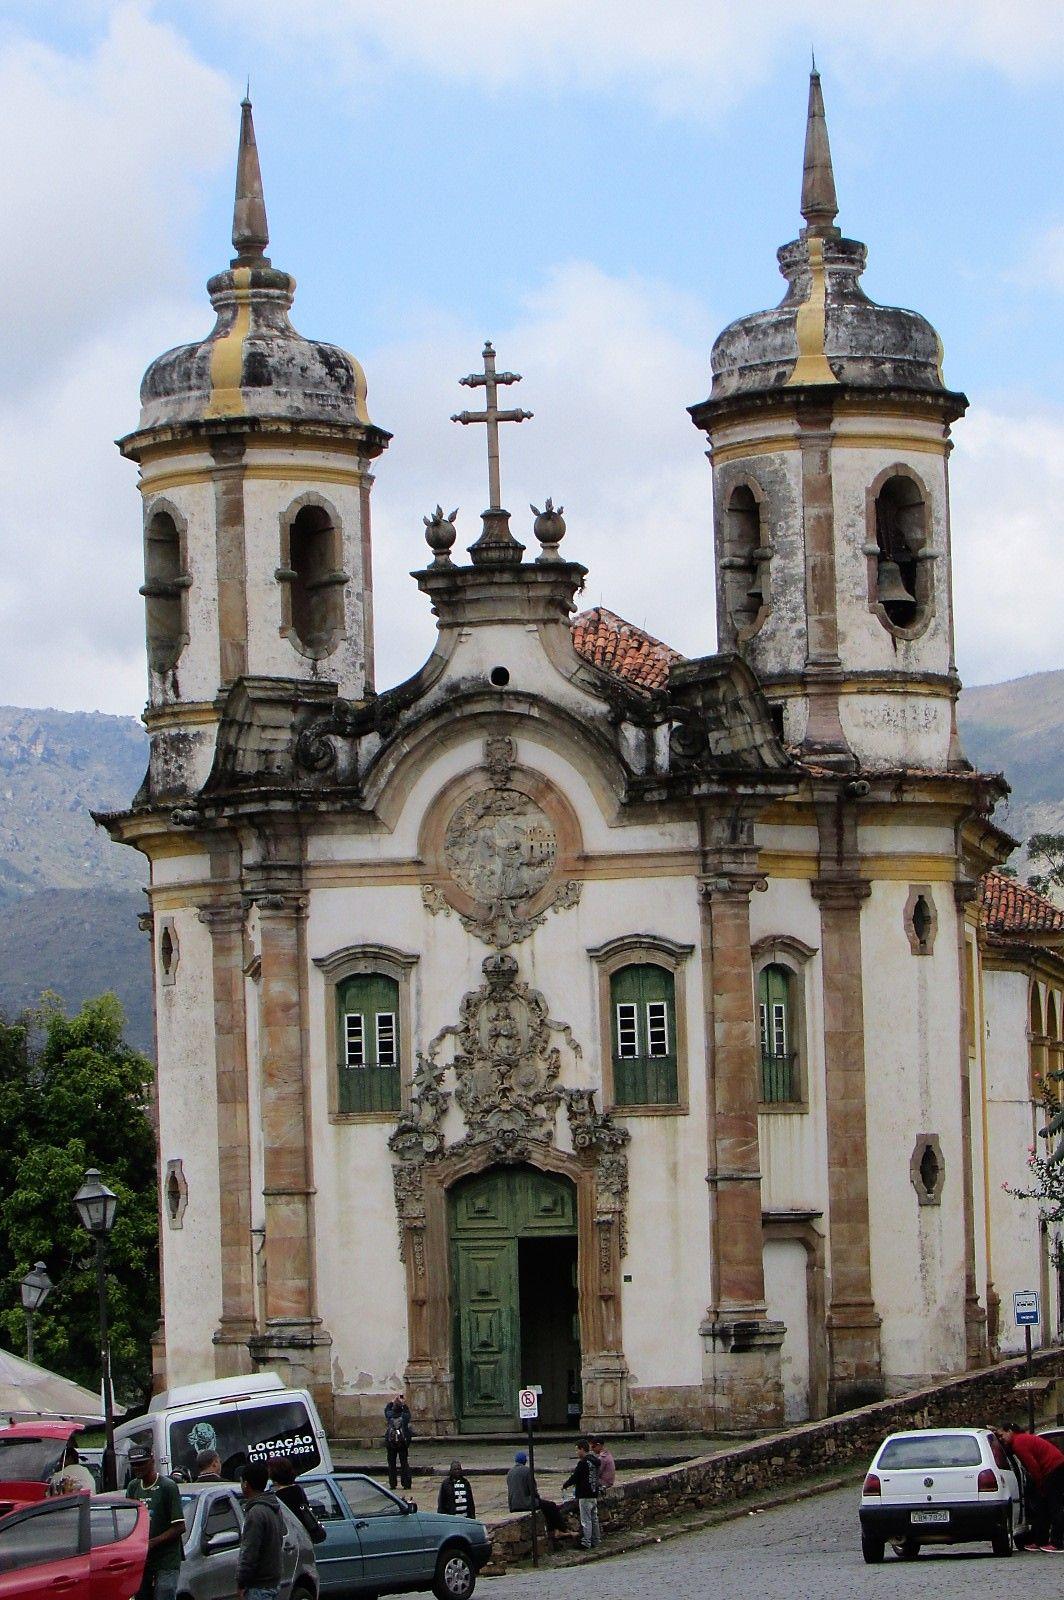 Igreja De Sao Francisco De Assis Situada Na Cidade De Ouro Preto